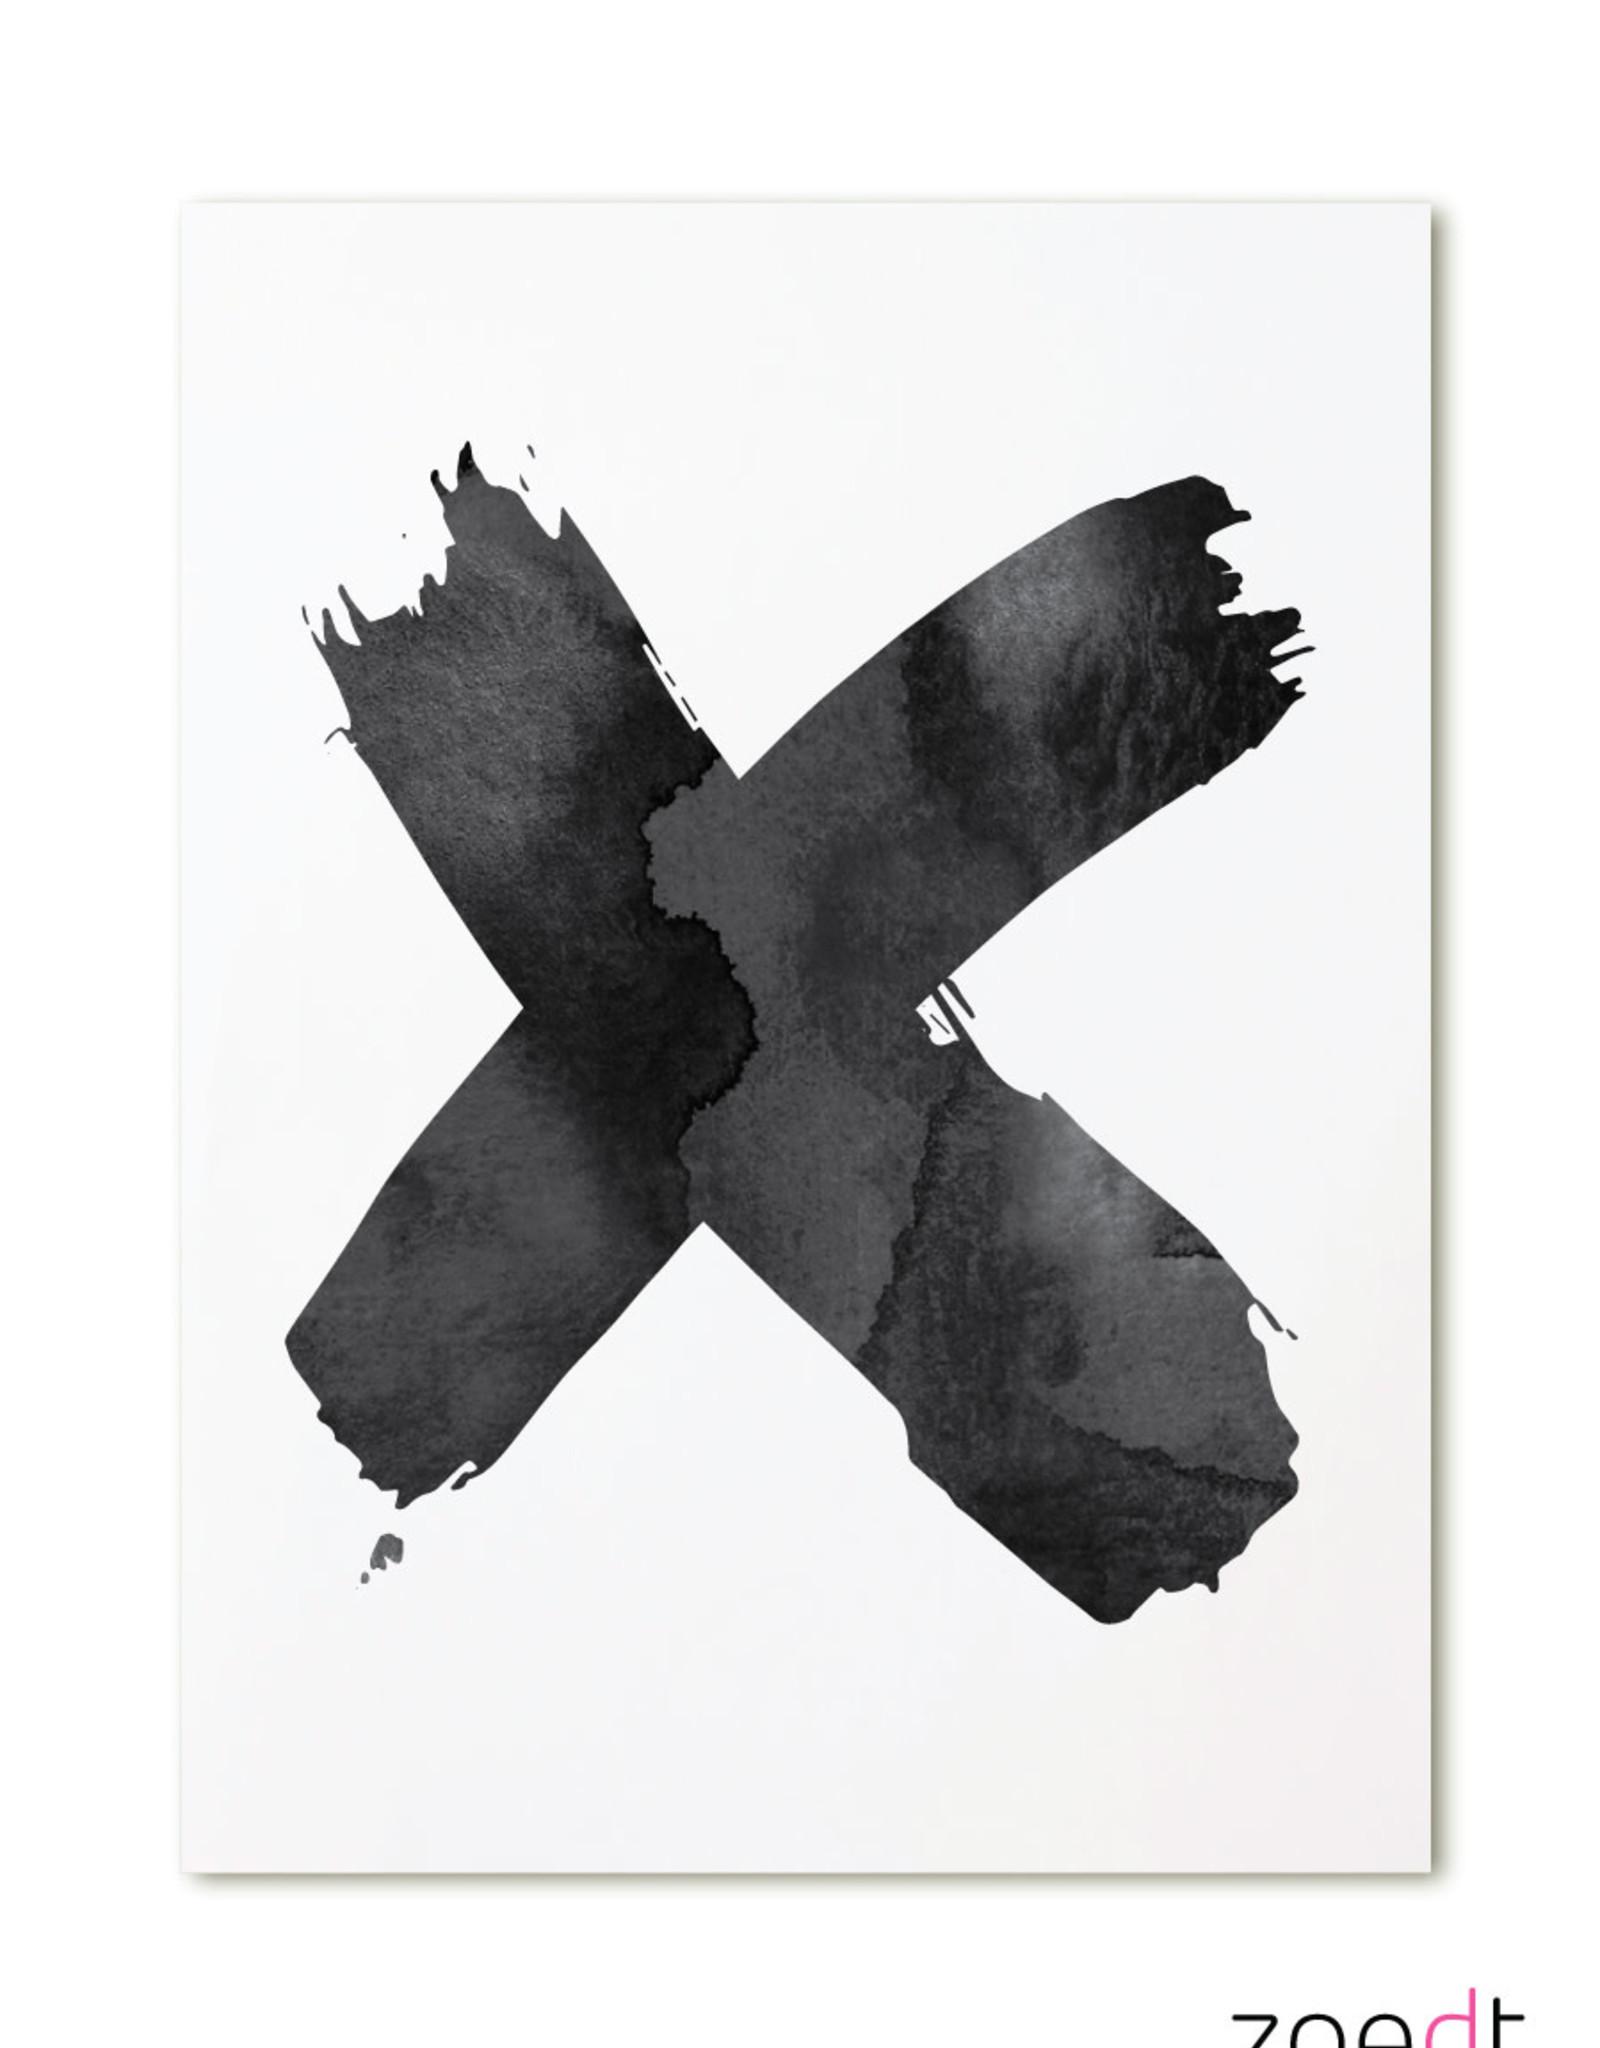 zoedt kaart a6 Zoedt: X